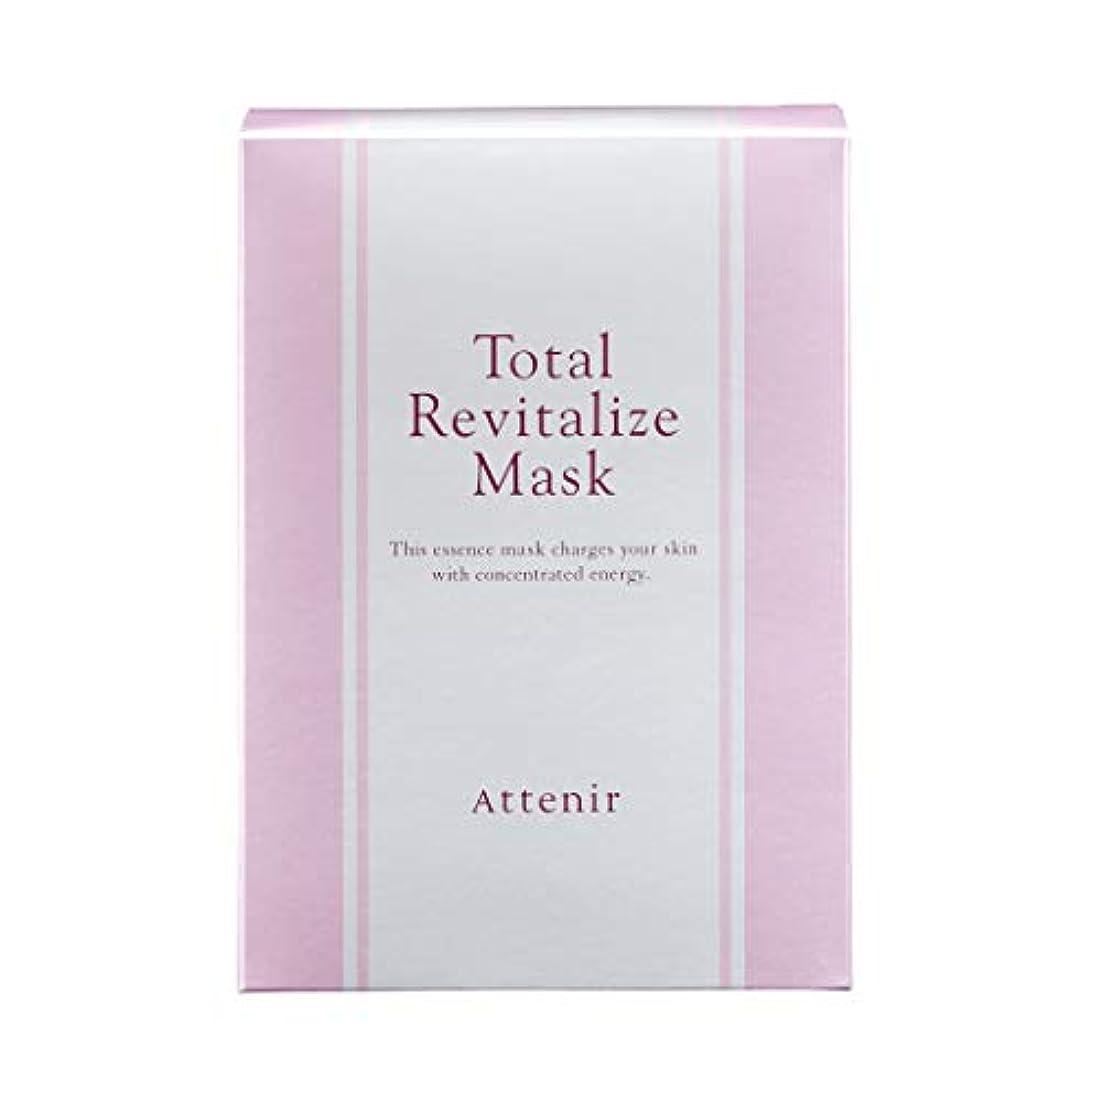 測定イチゴダイヤモンドアテニア トータルリヴァイタライズ マスク肌疲労ケアシートマスク 全顔用 6包入り